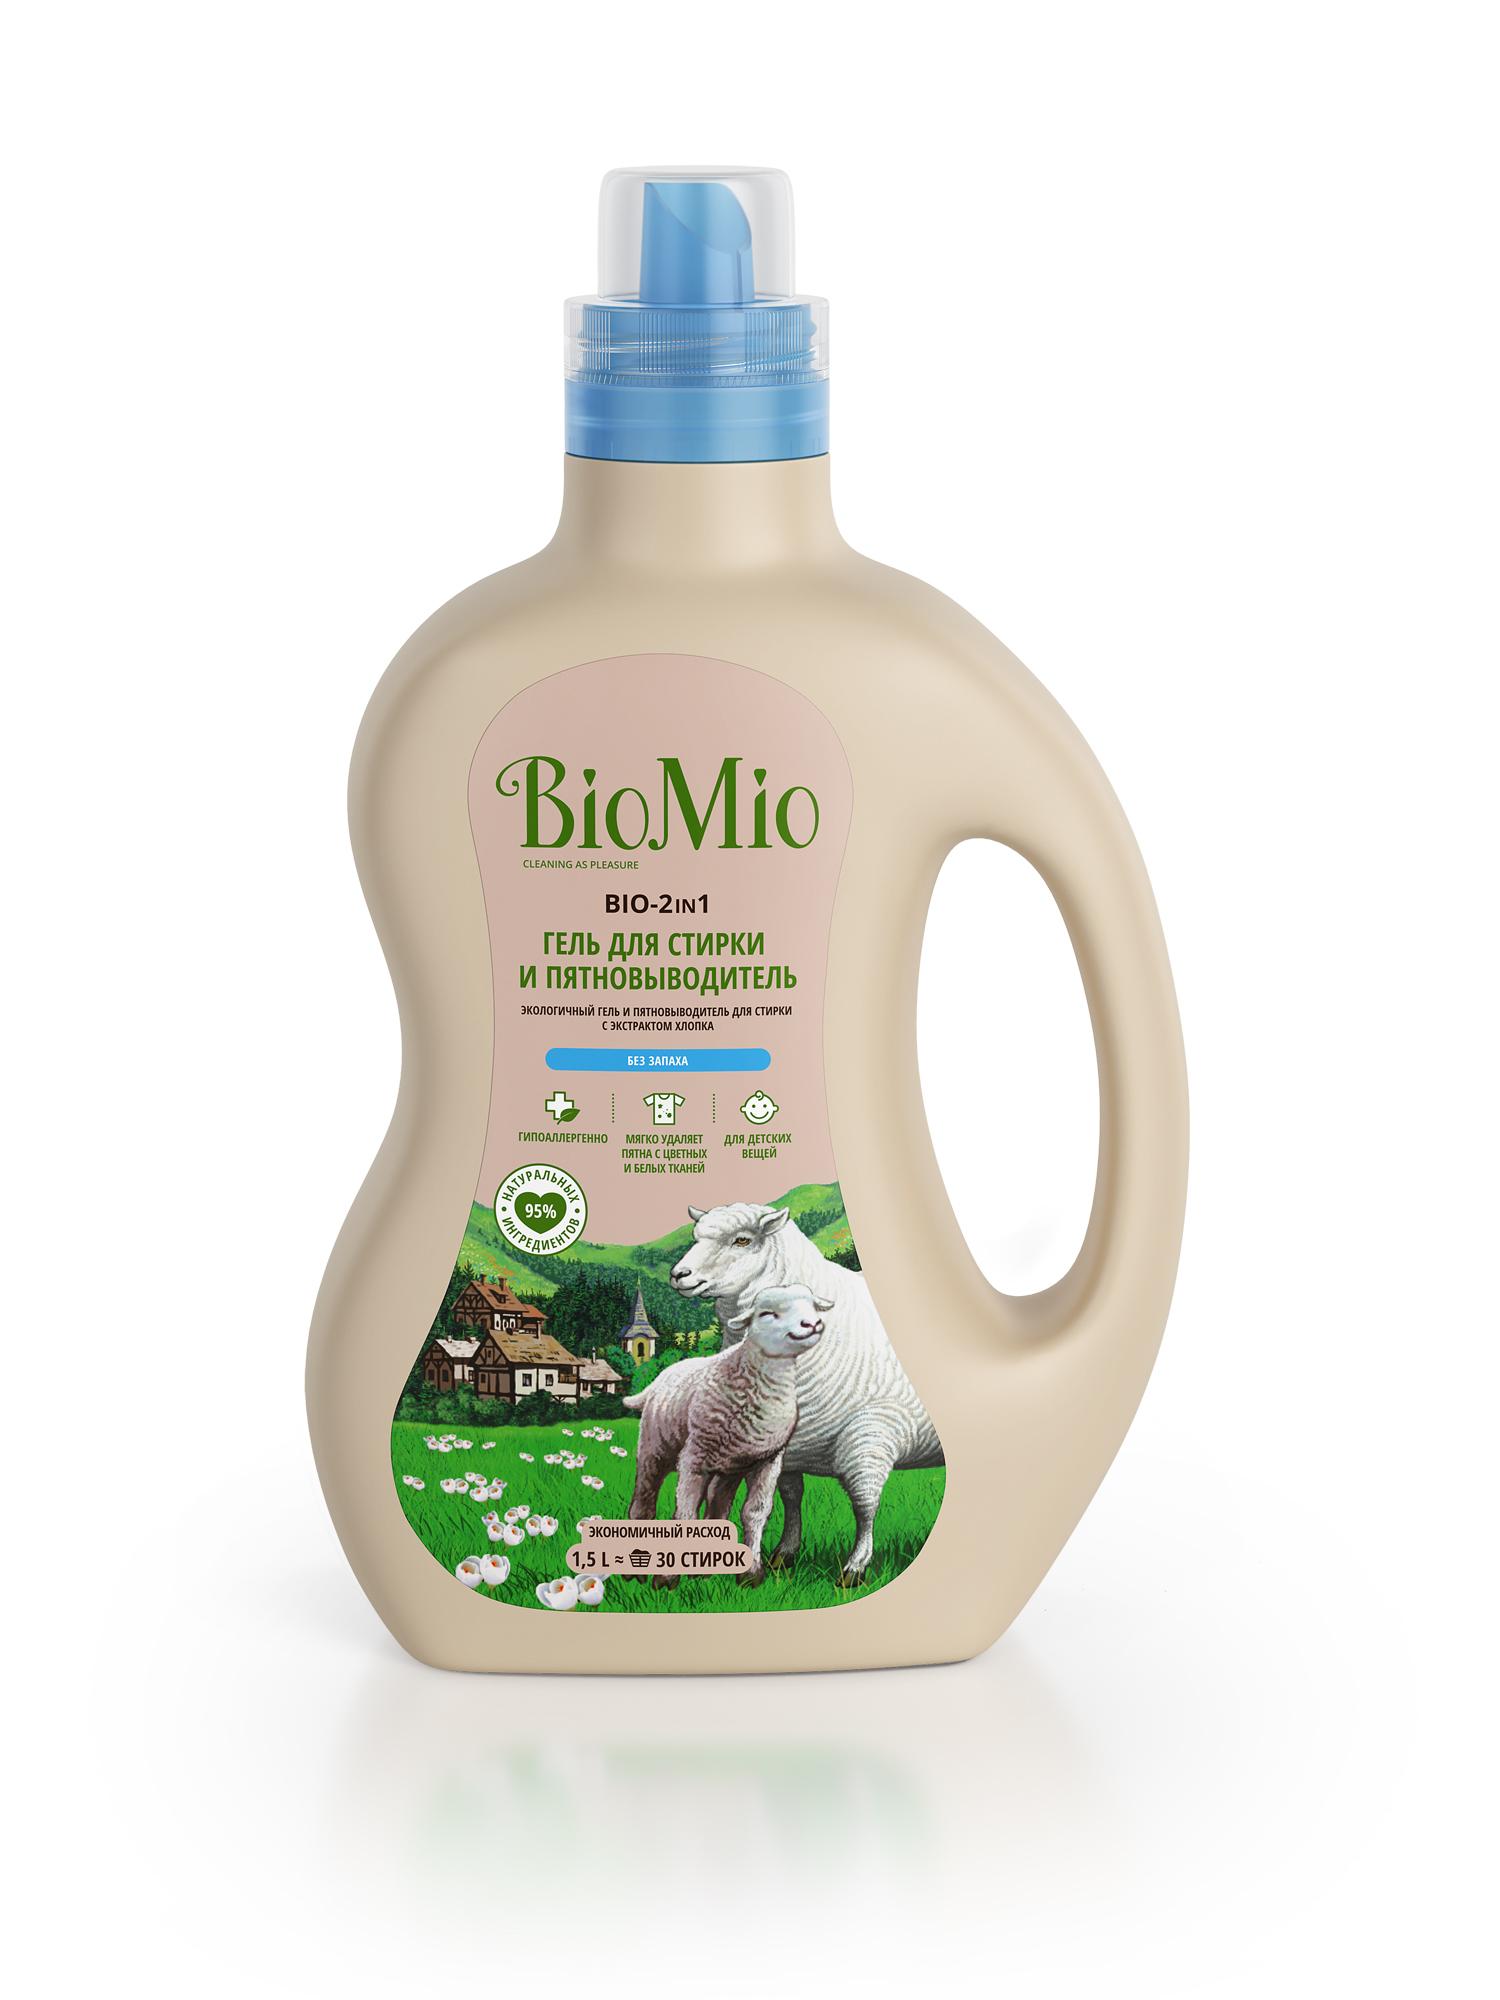 Гель для стирки BIO MIO 1500мл Bio 2в1 пятновыводитель для стирки белья BioMio